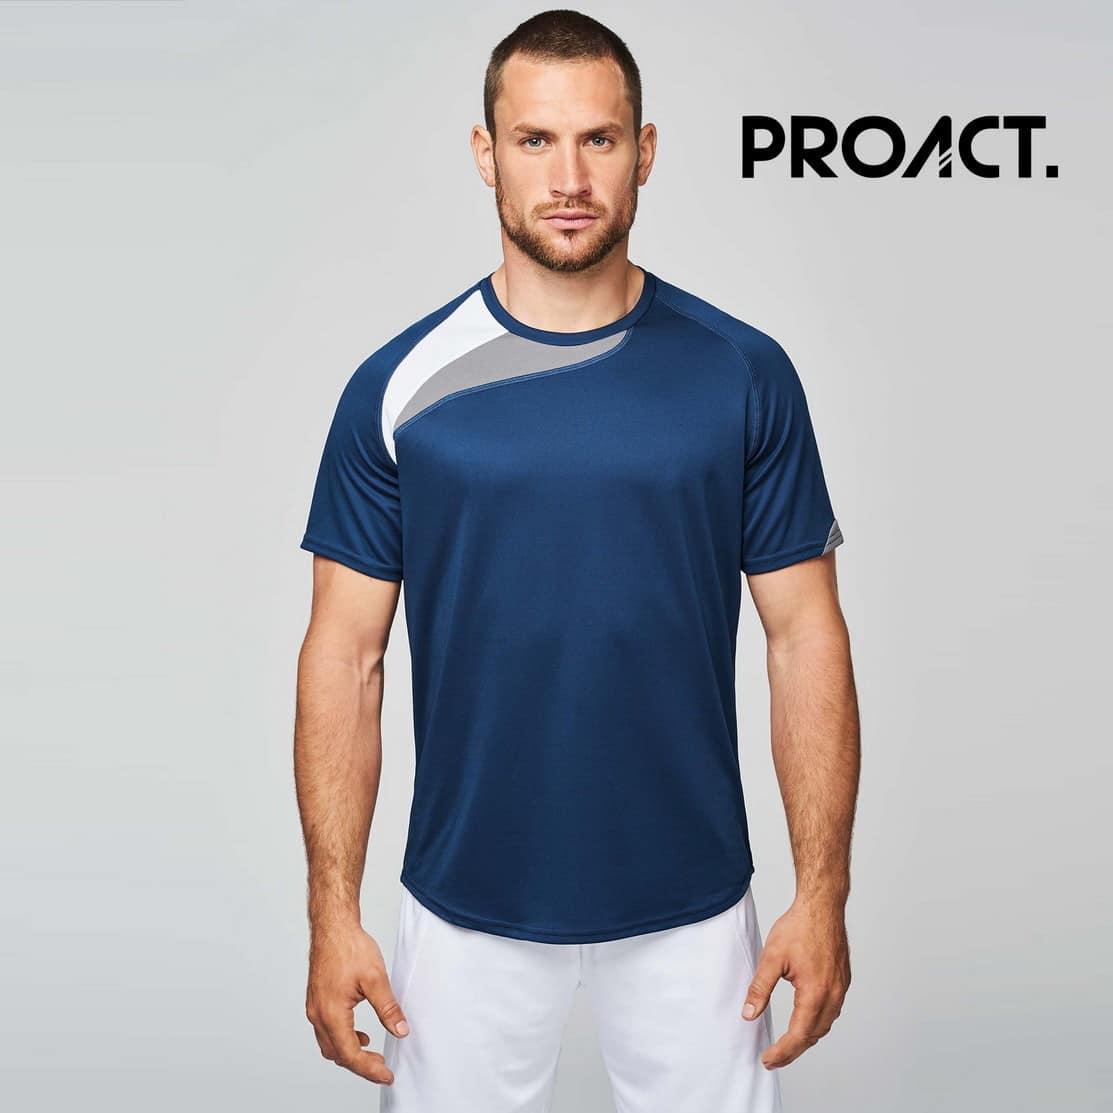 Uomo con maglietta da calcio blu 100% poliestere